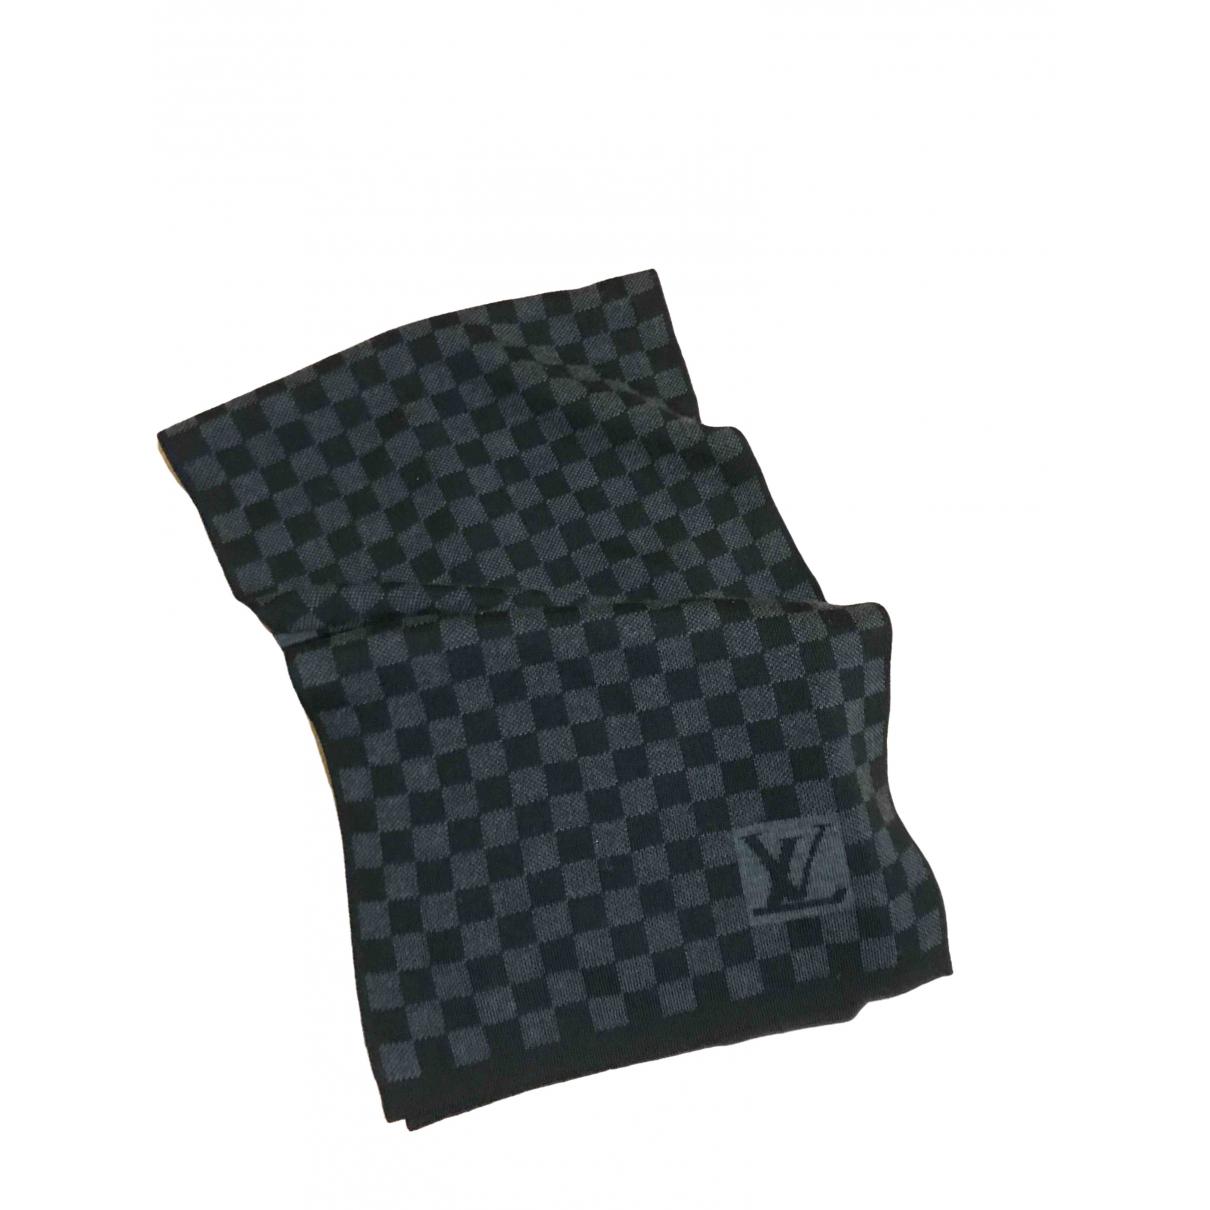 Louis Vuitton \N Black Wool scarf & pocket squares for Men \N